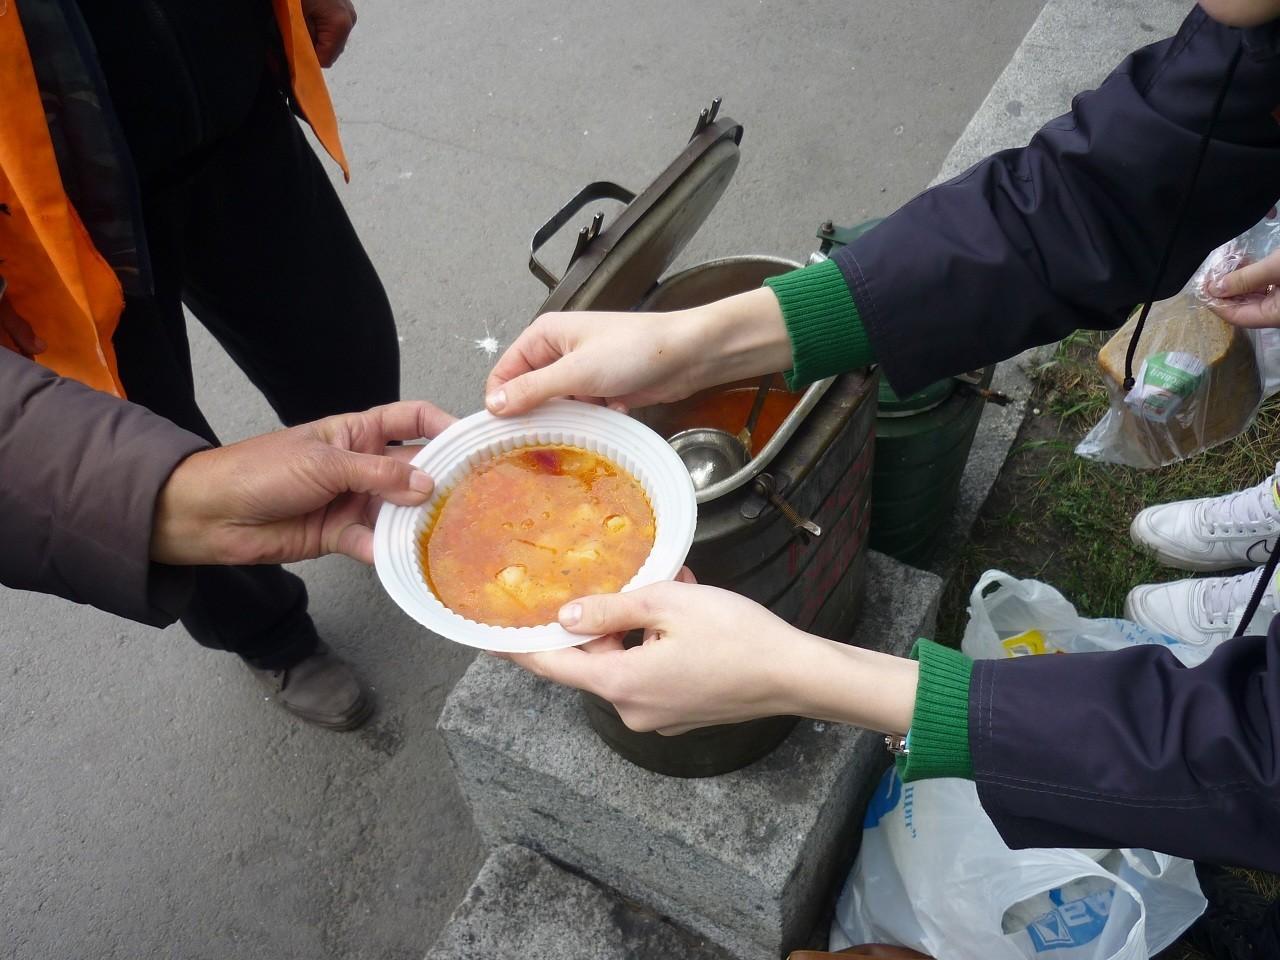 За кормление бездомных волонтеры не получают зарплату, но они испытывают моральное удовлетворение